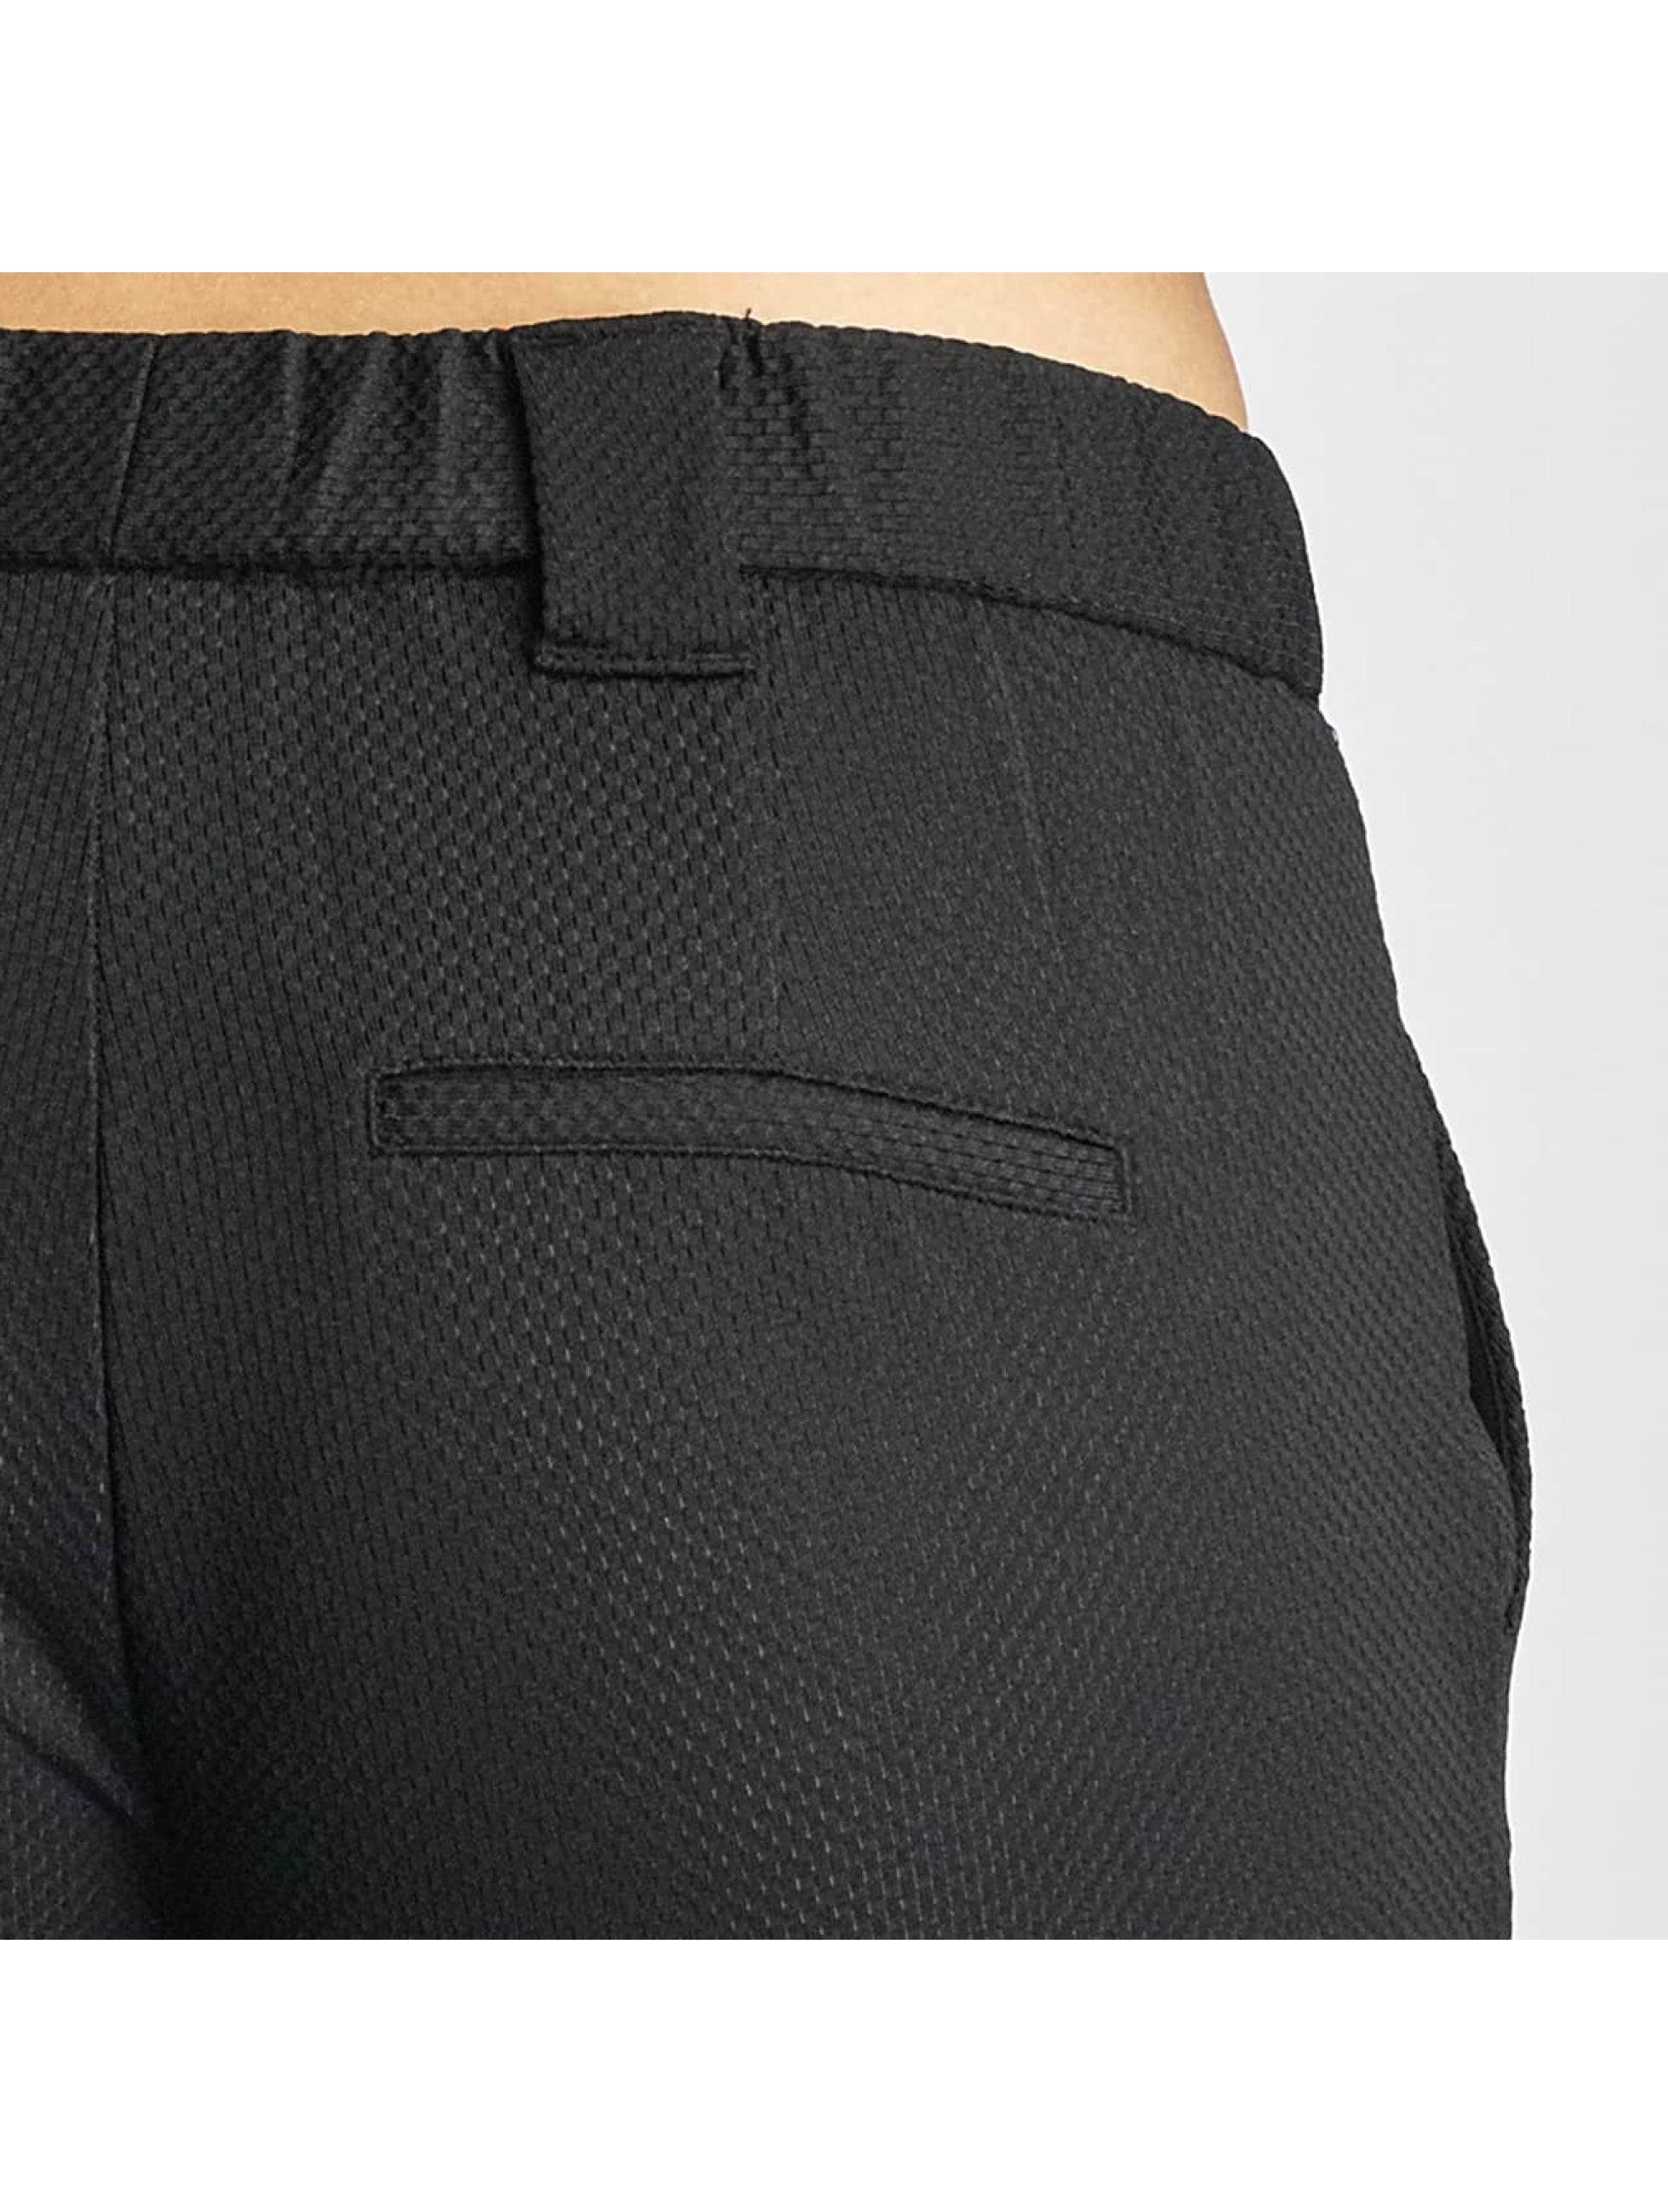 JACQUELINE de YONG Chino pants jdyCobra black